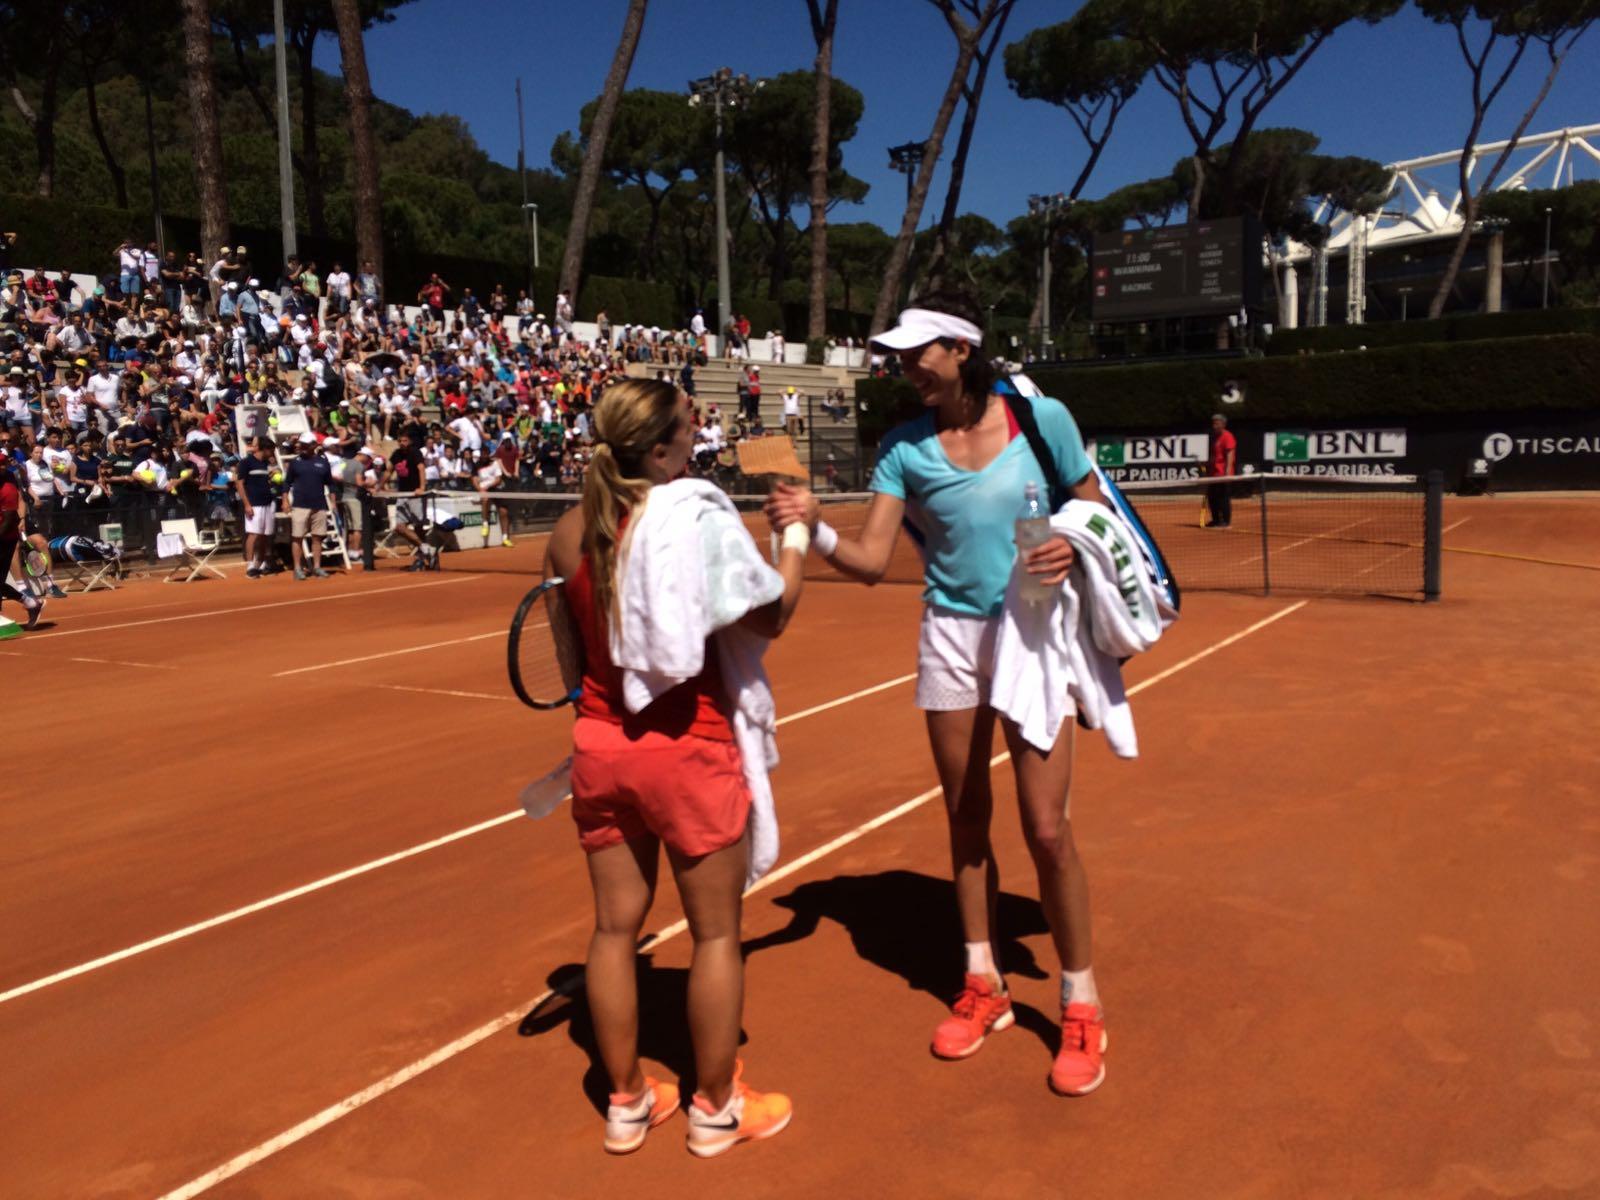 Hi5 for that Monday morning practice with Domi!!  Buen entreno hoy con Domi!! ���� #roma���� @domicibulkova @WTA #ibi17 https://t.co/rYXZh6bNKx